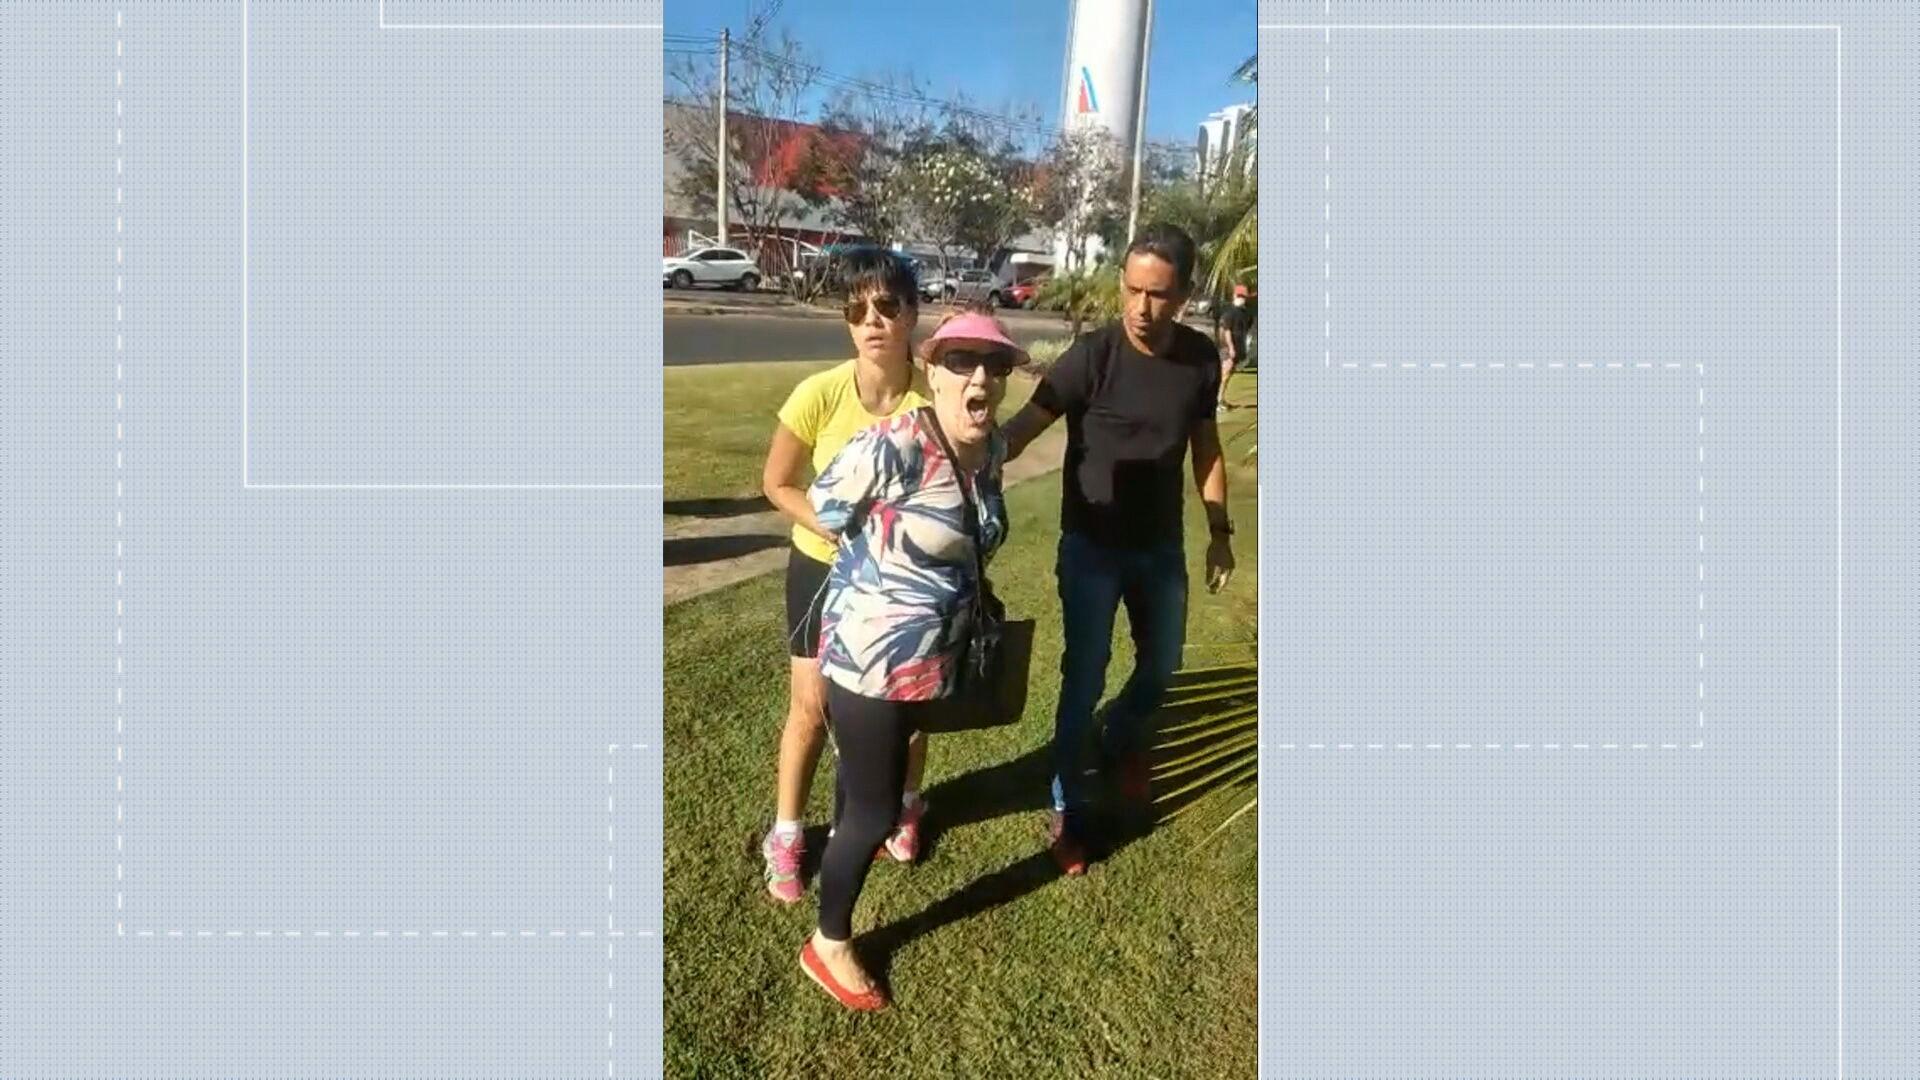 VÍDEO: mulher chama pai e filho de 'negrada do inferno' e chuta PM ao ser presa por injúria racial no DF